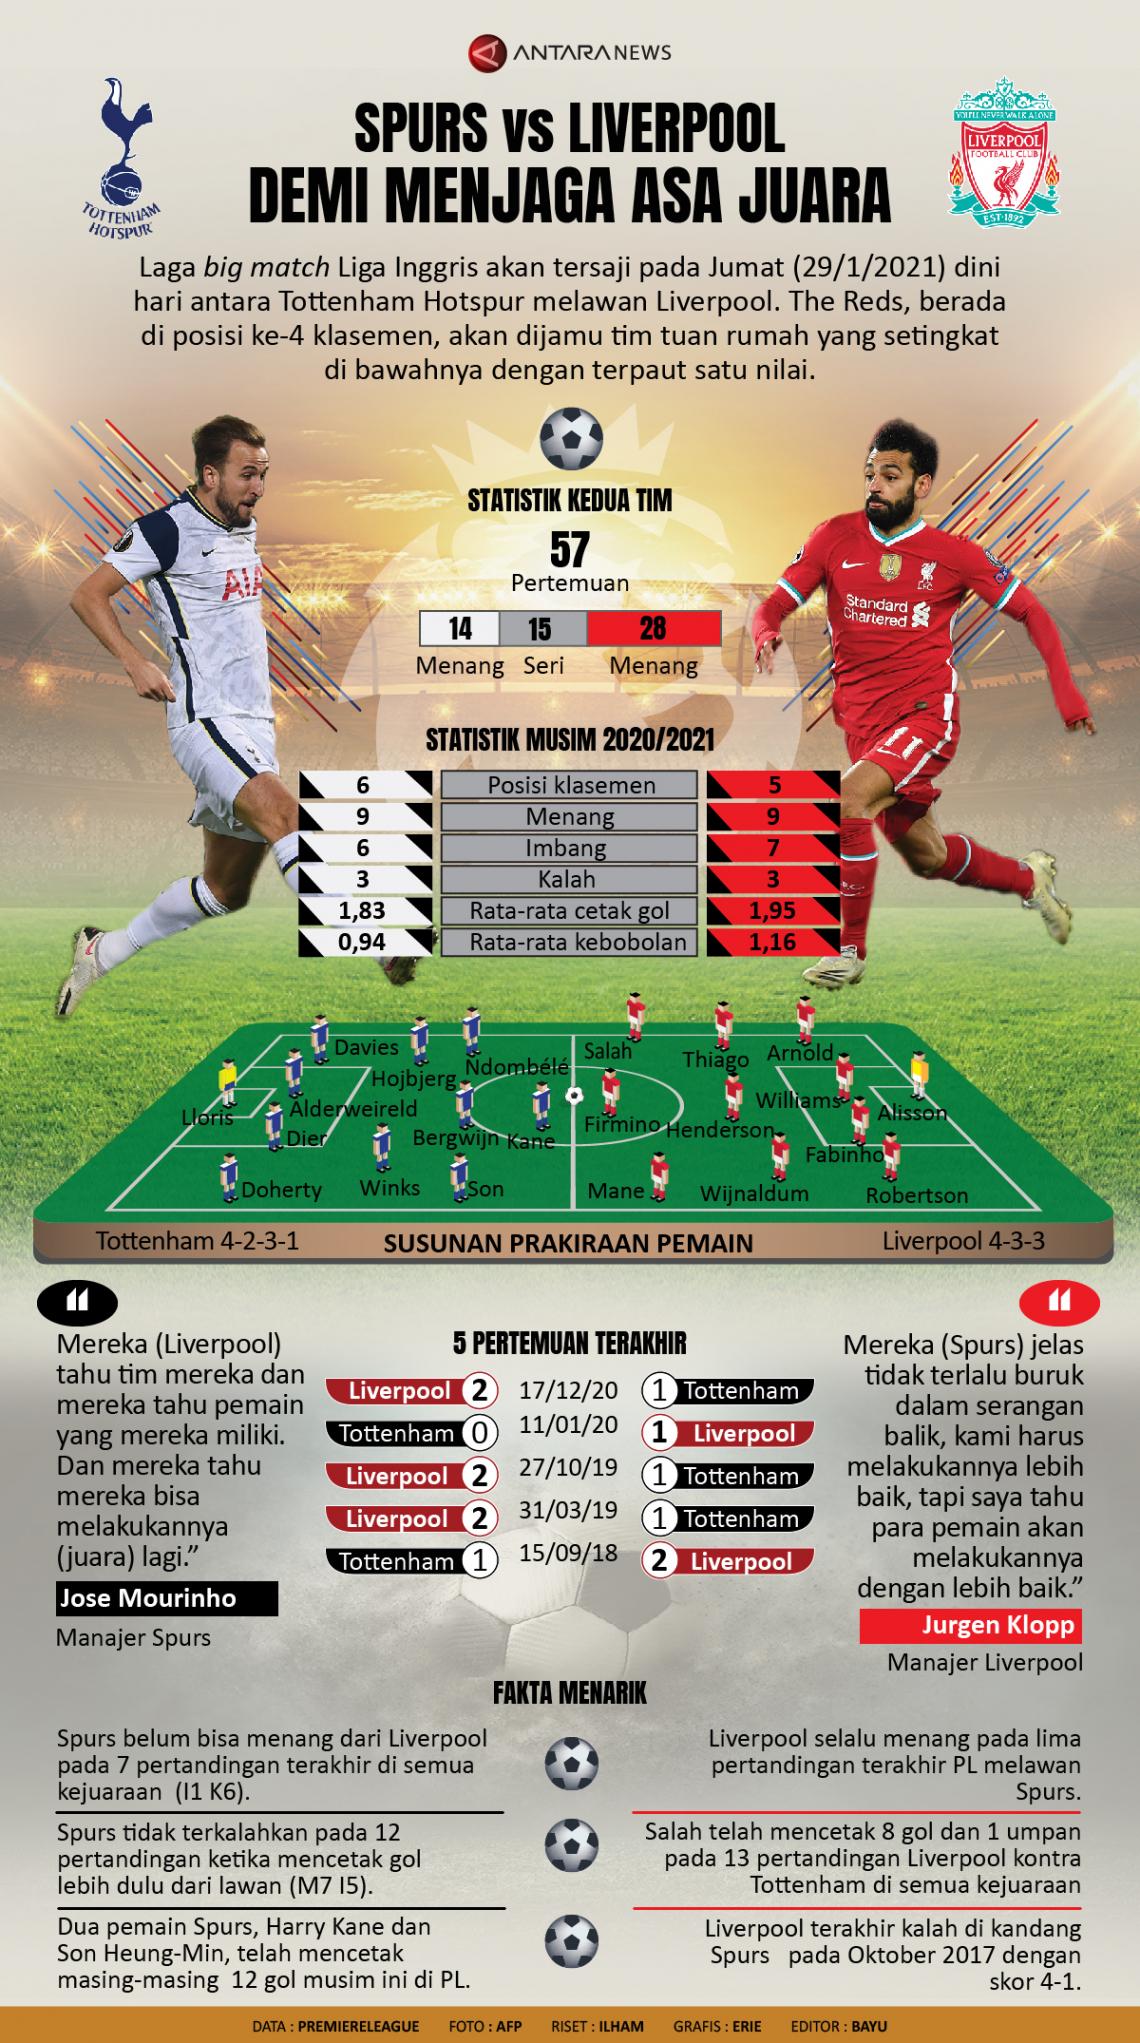 Spurs vs Liverpool: Demi menjaga asa juara